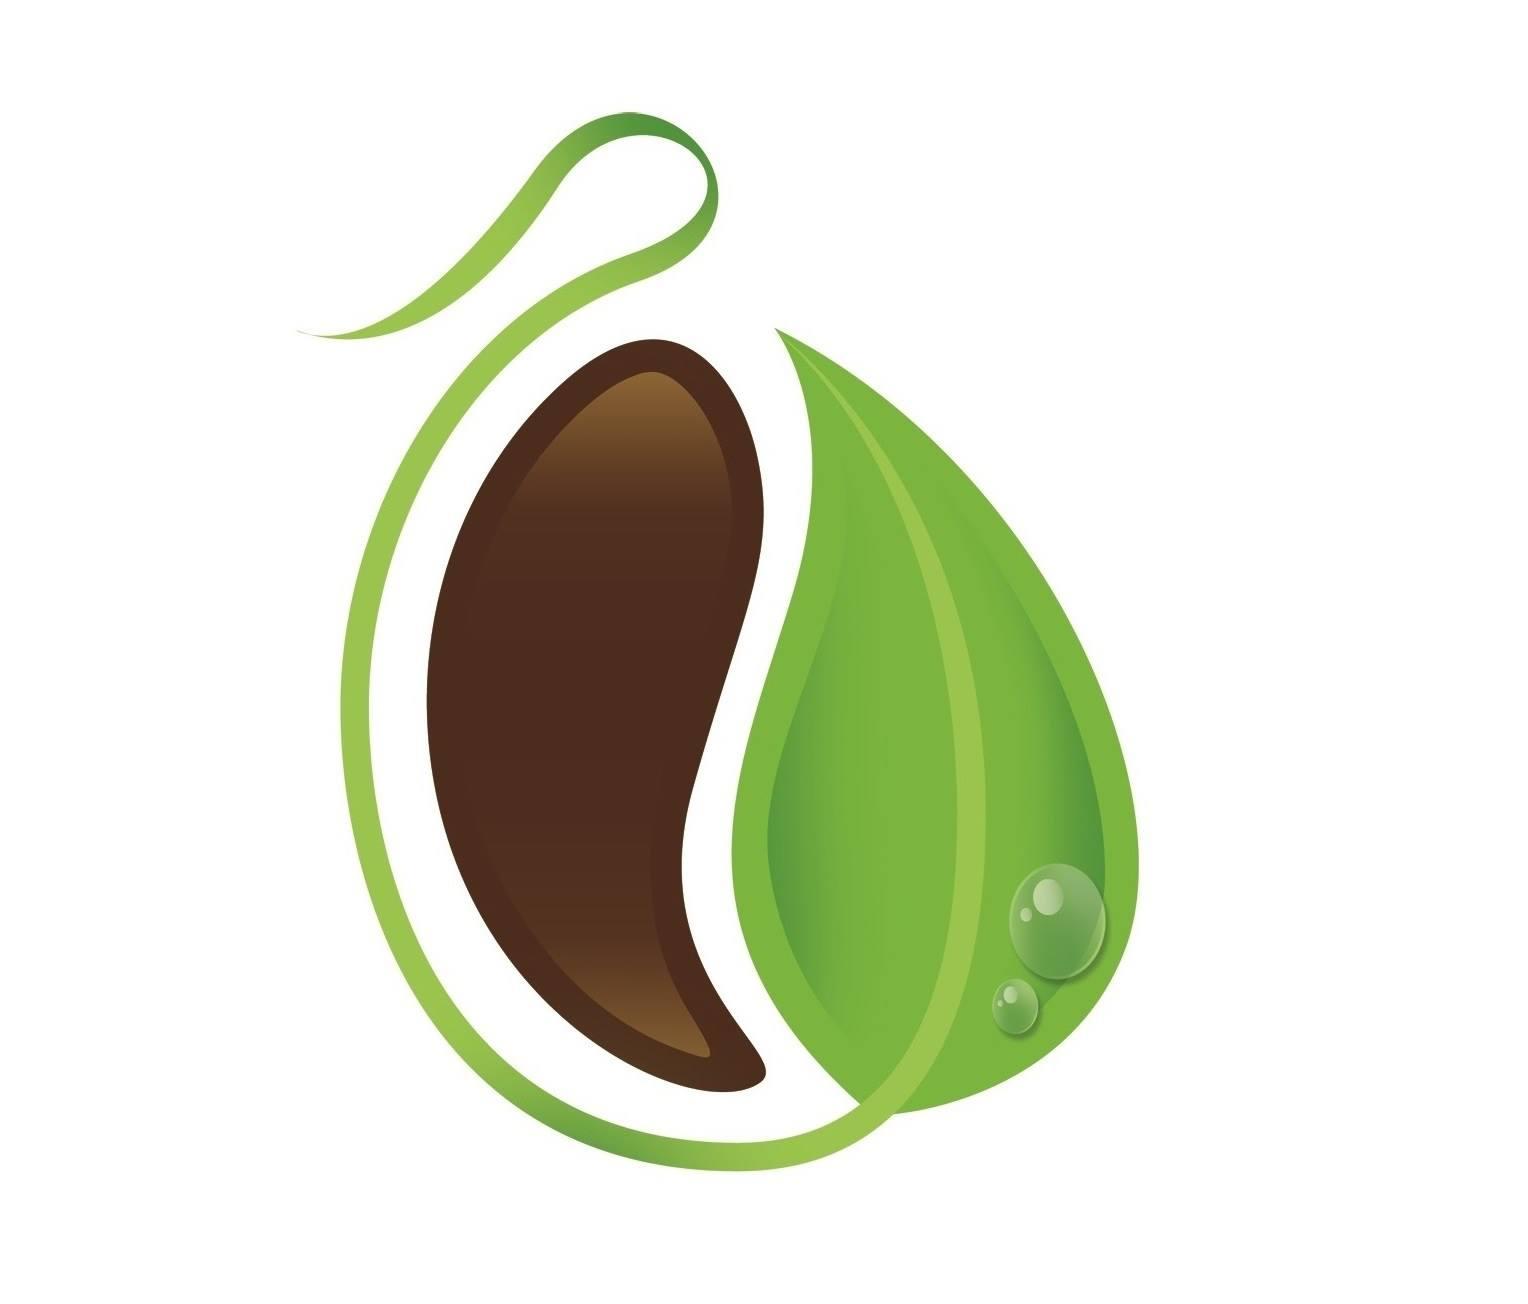 Red de semillas Aragón logo